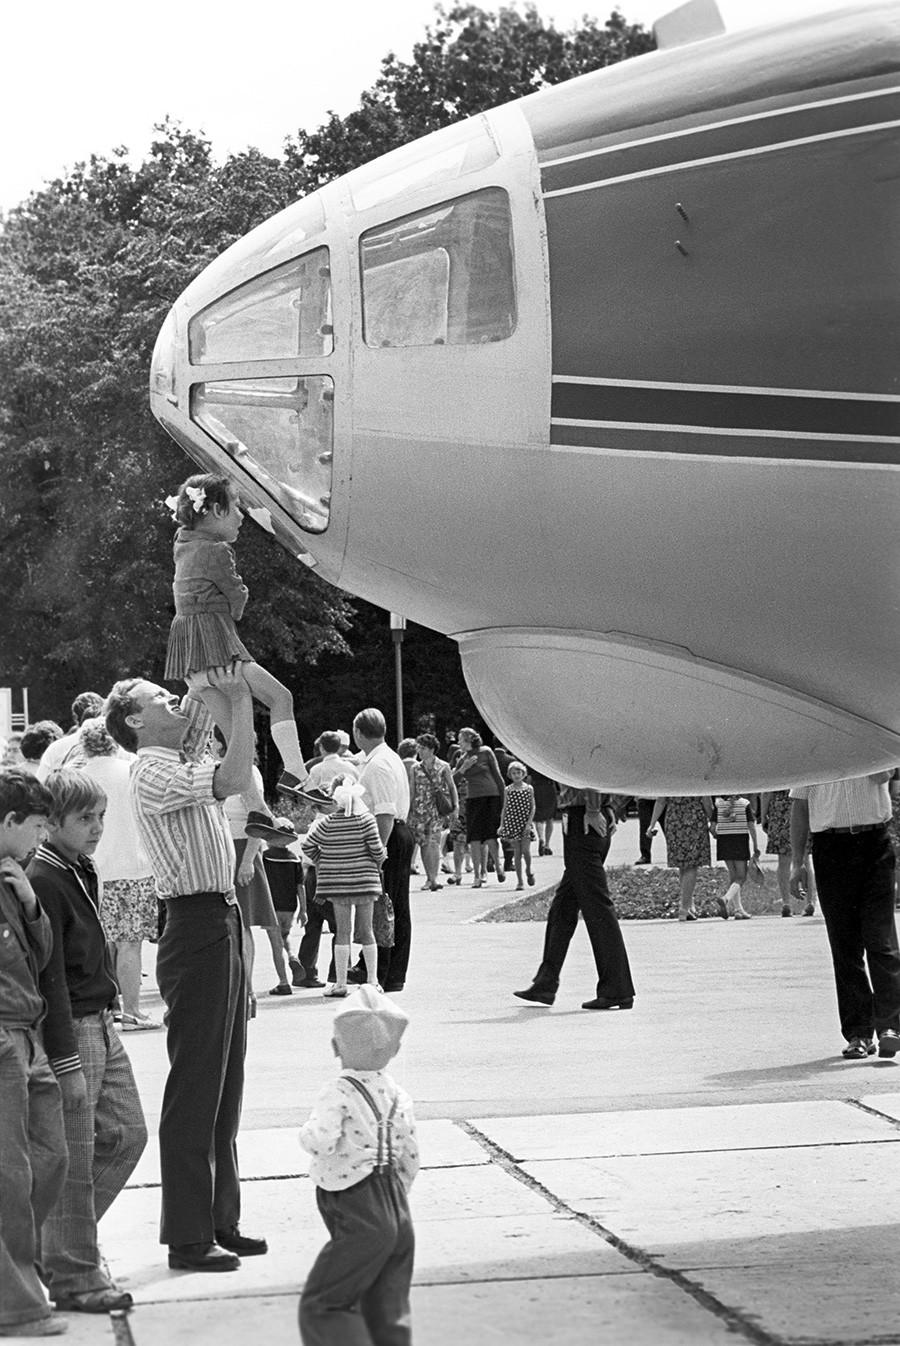 L'avion-cinéma Antochka , basé sur un An-10, dans le parc Iouri Gagarine de Kouïbychev (actuellement Samara), 1977